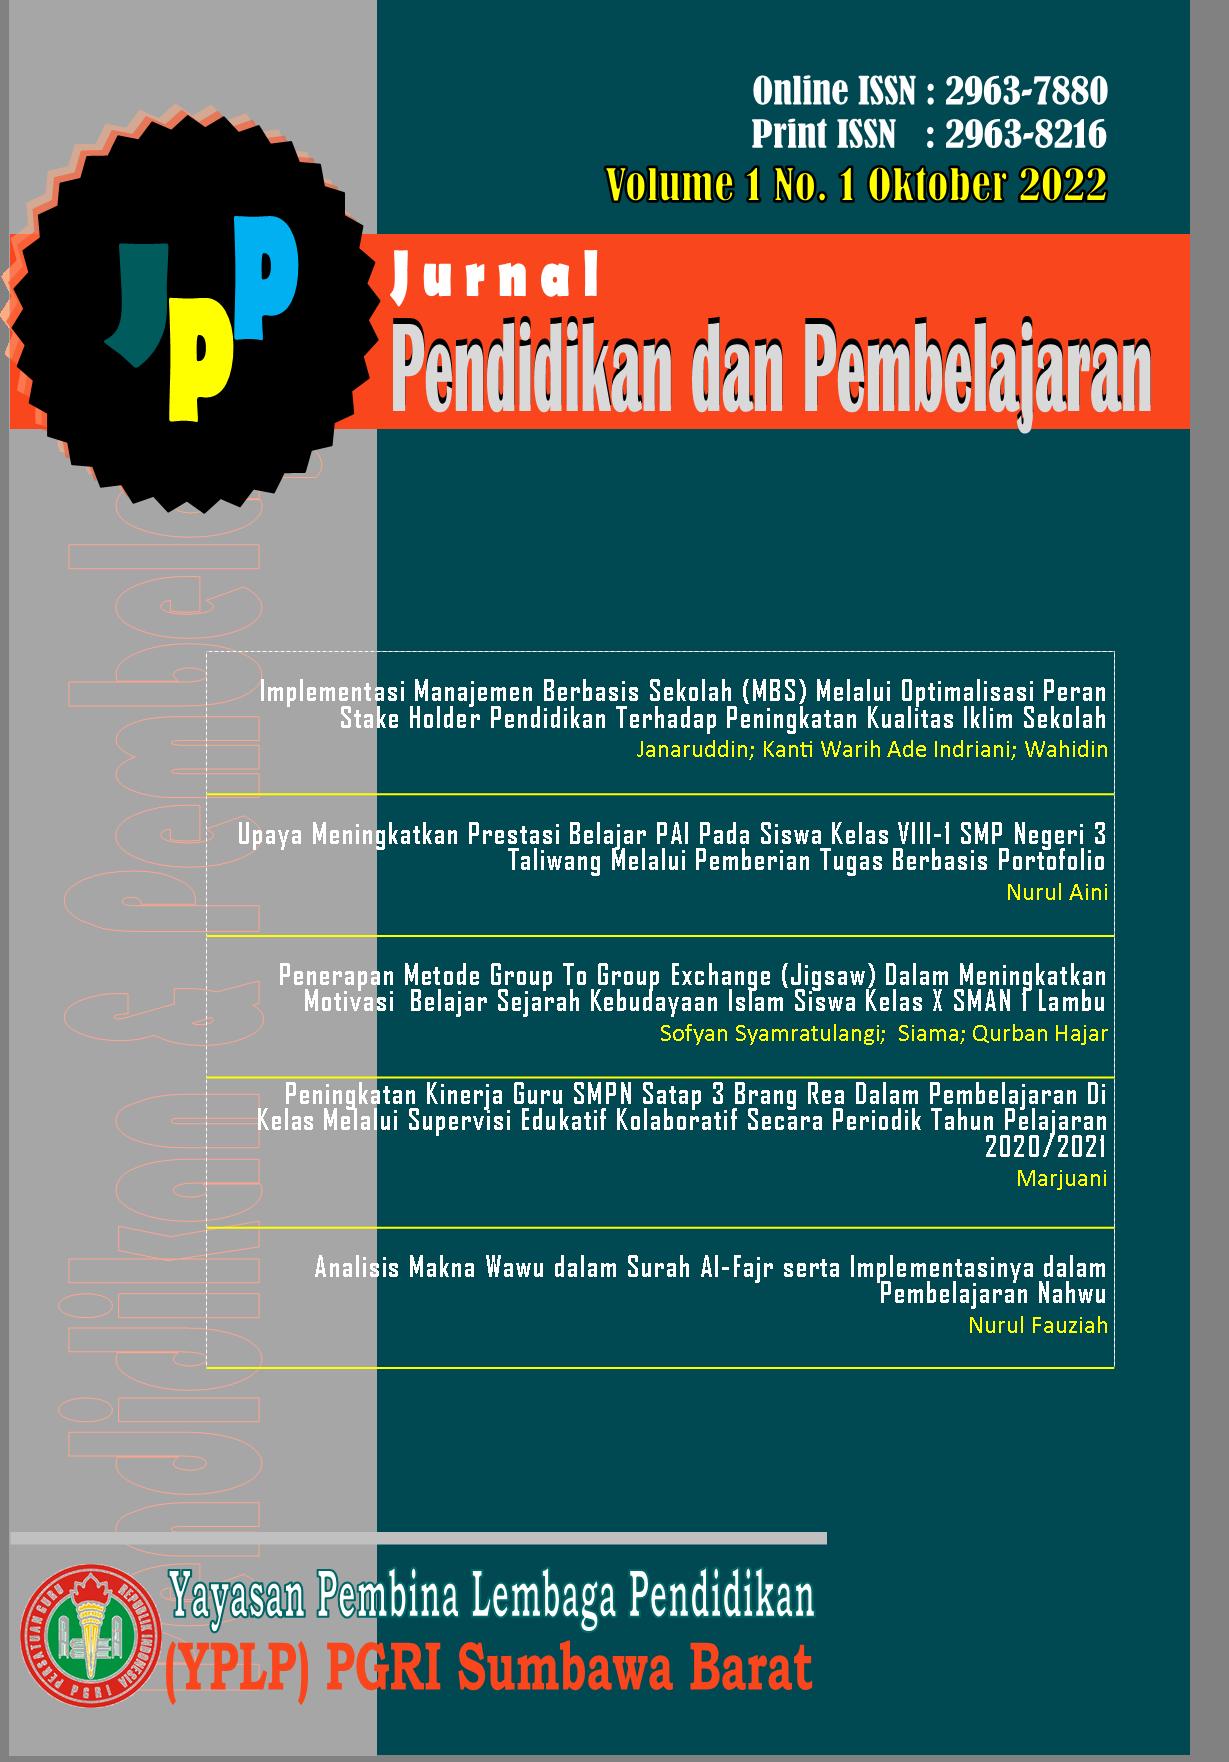 Jurnal Pendidikan dan Pembelajaran (JPP) Sumbawa Barat